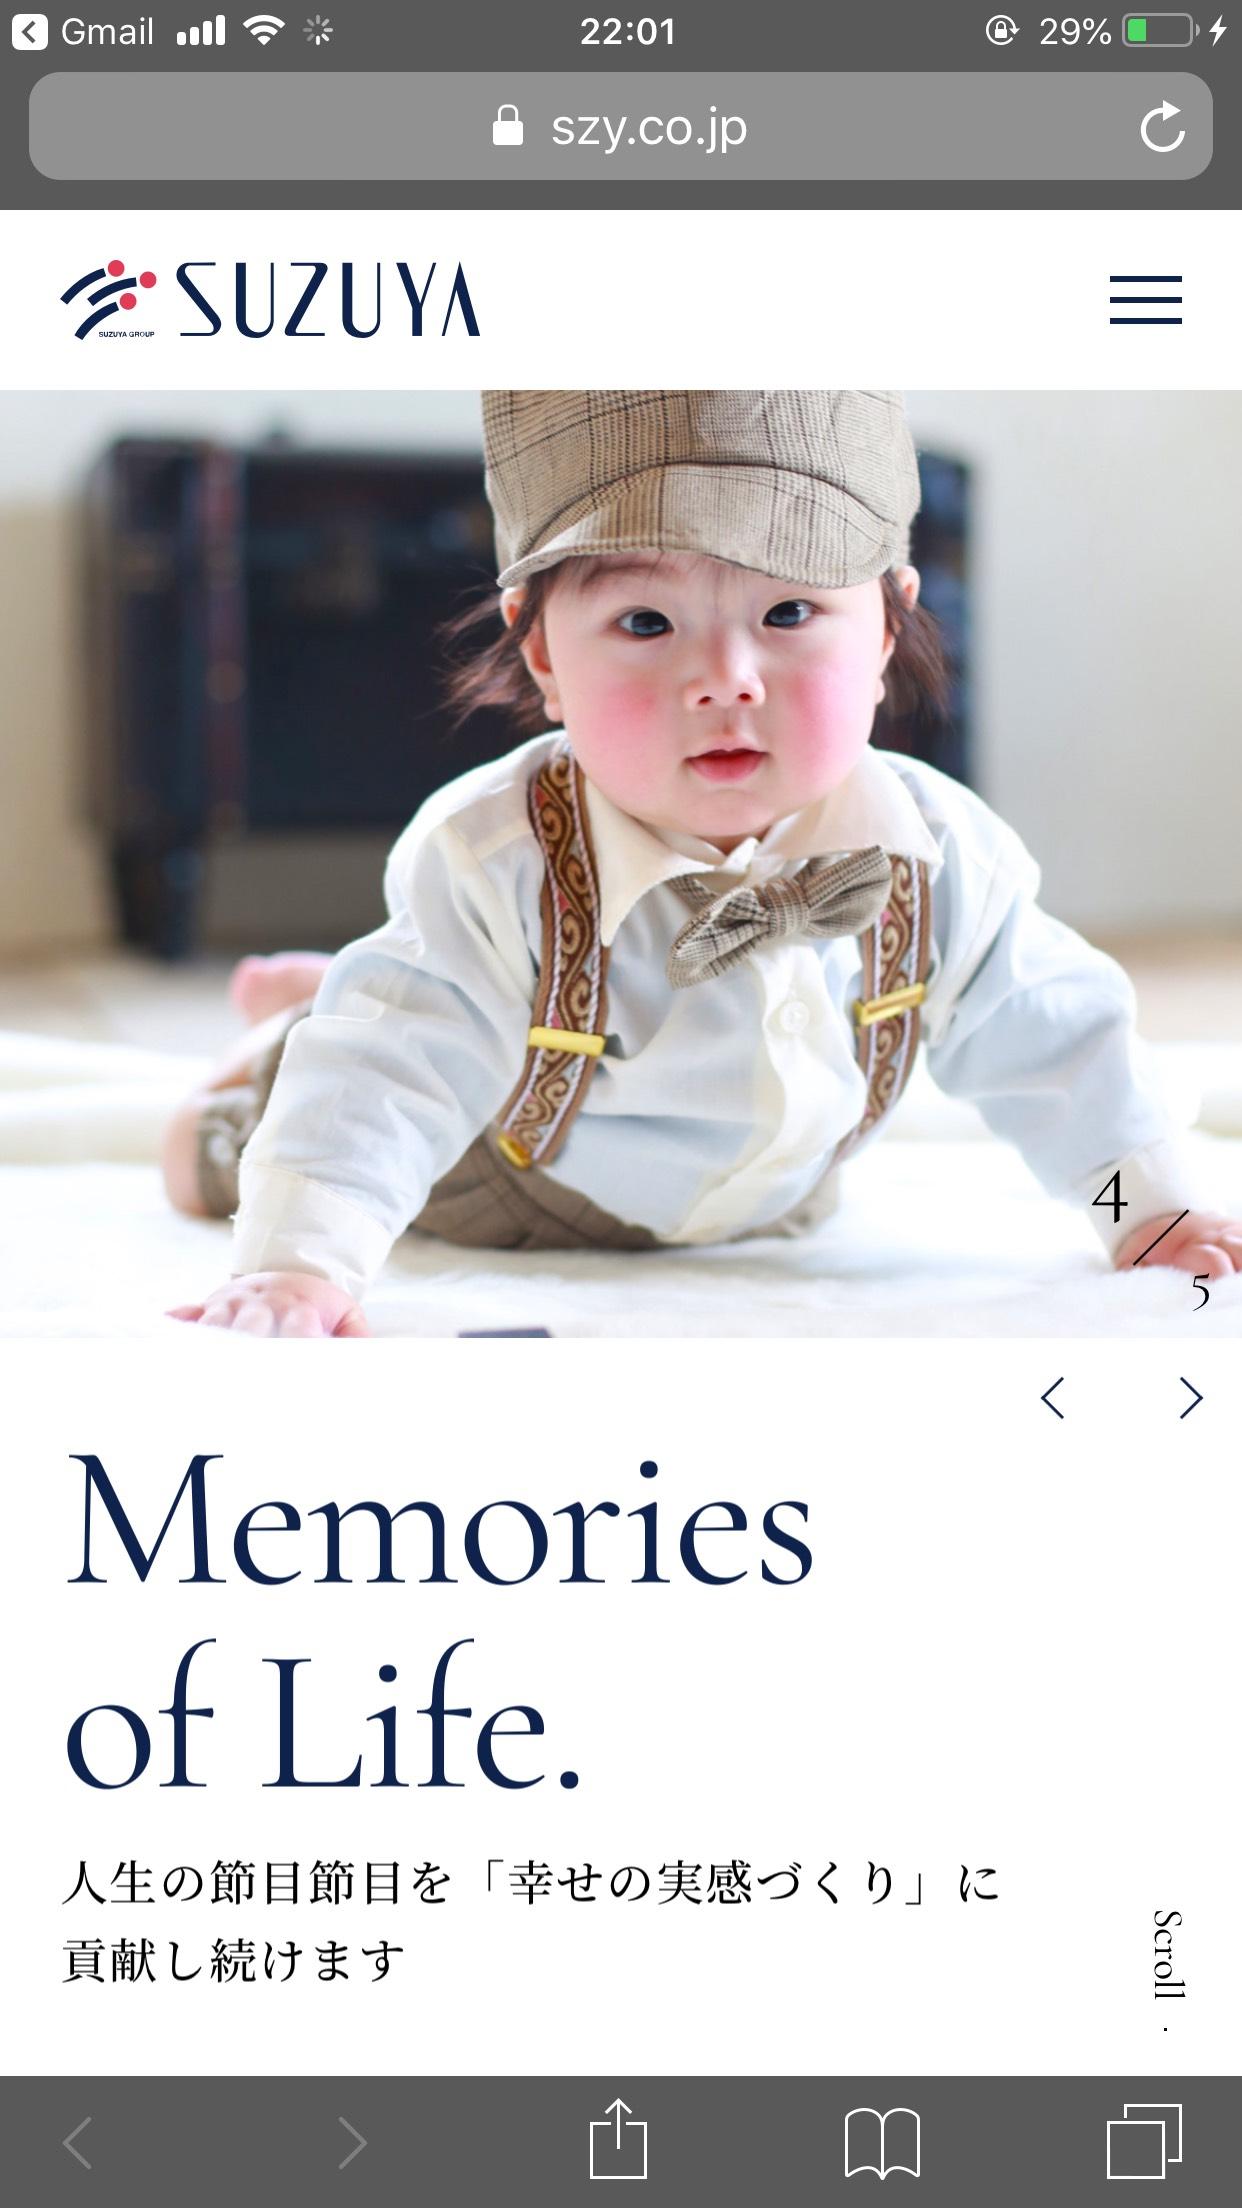 株式会社 鈴屋 (suzuya.co.,ltd)|Memories of Life 感動と楽しさを、お客様と共に創造し続けます。